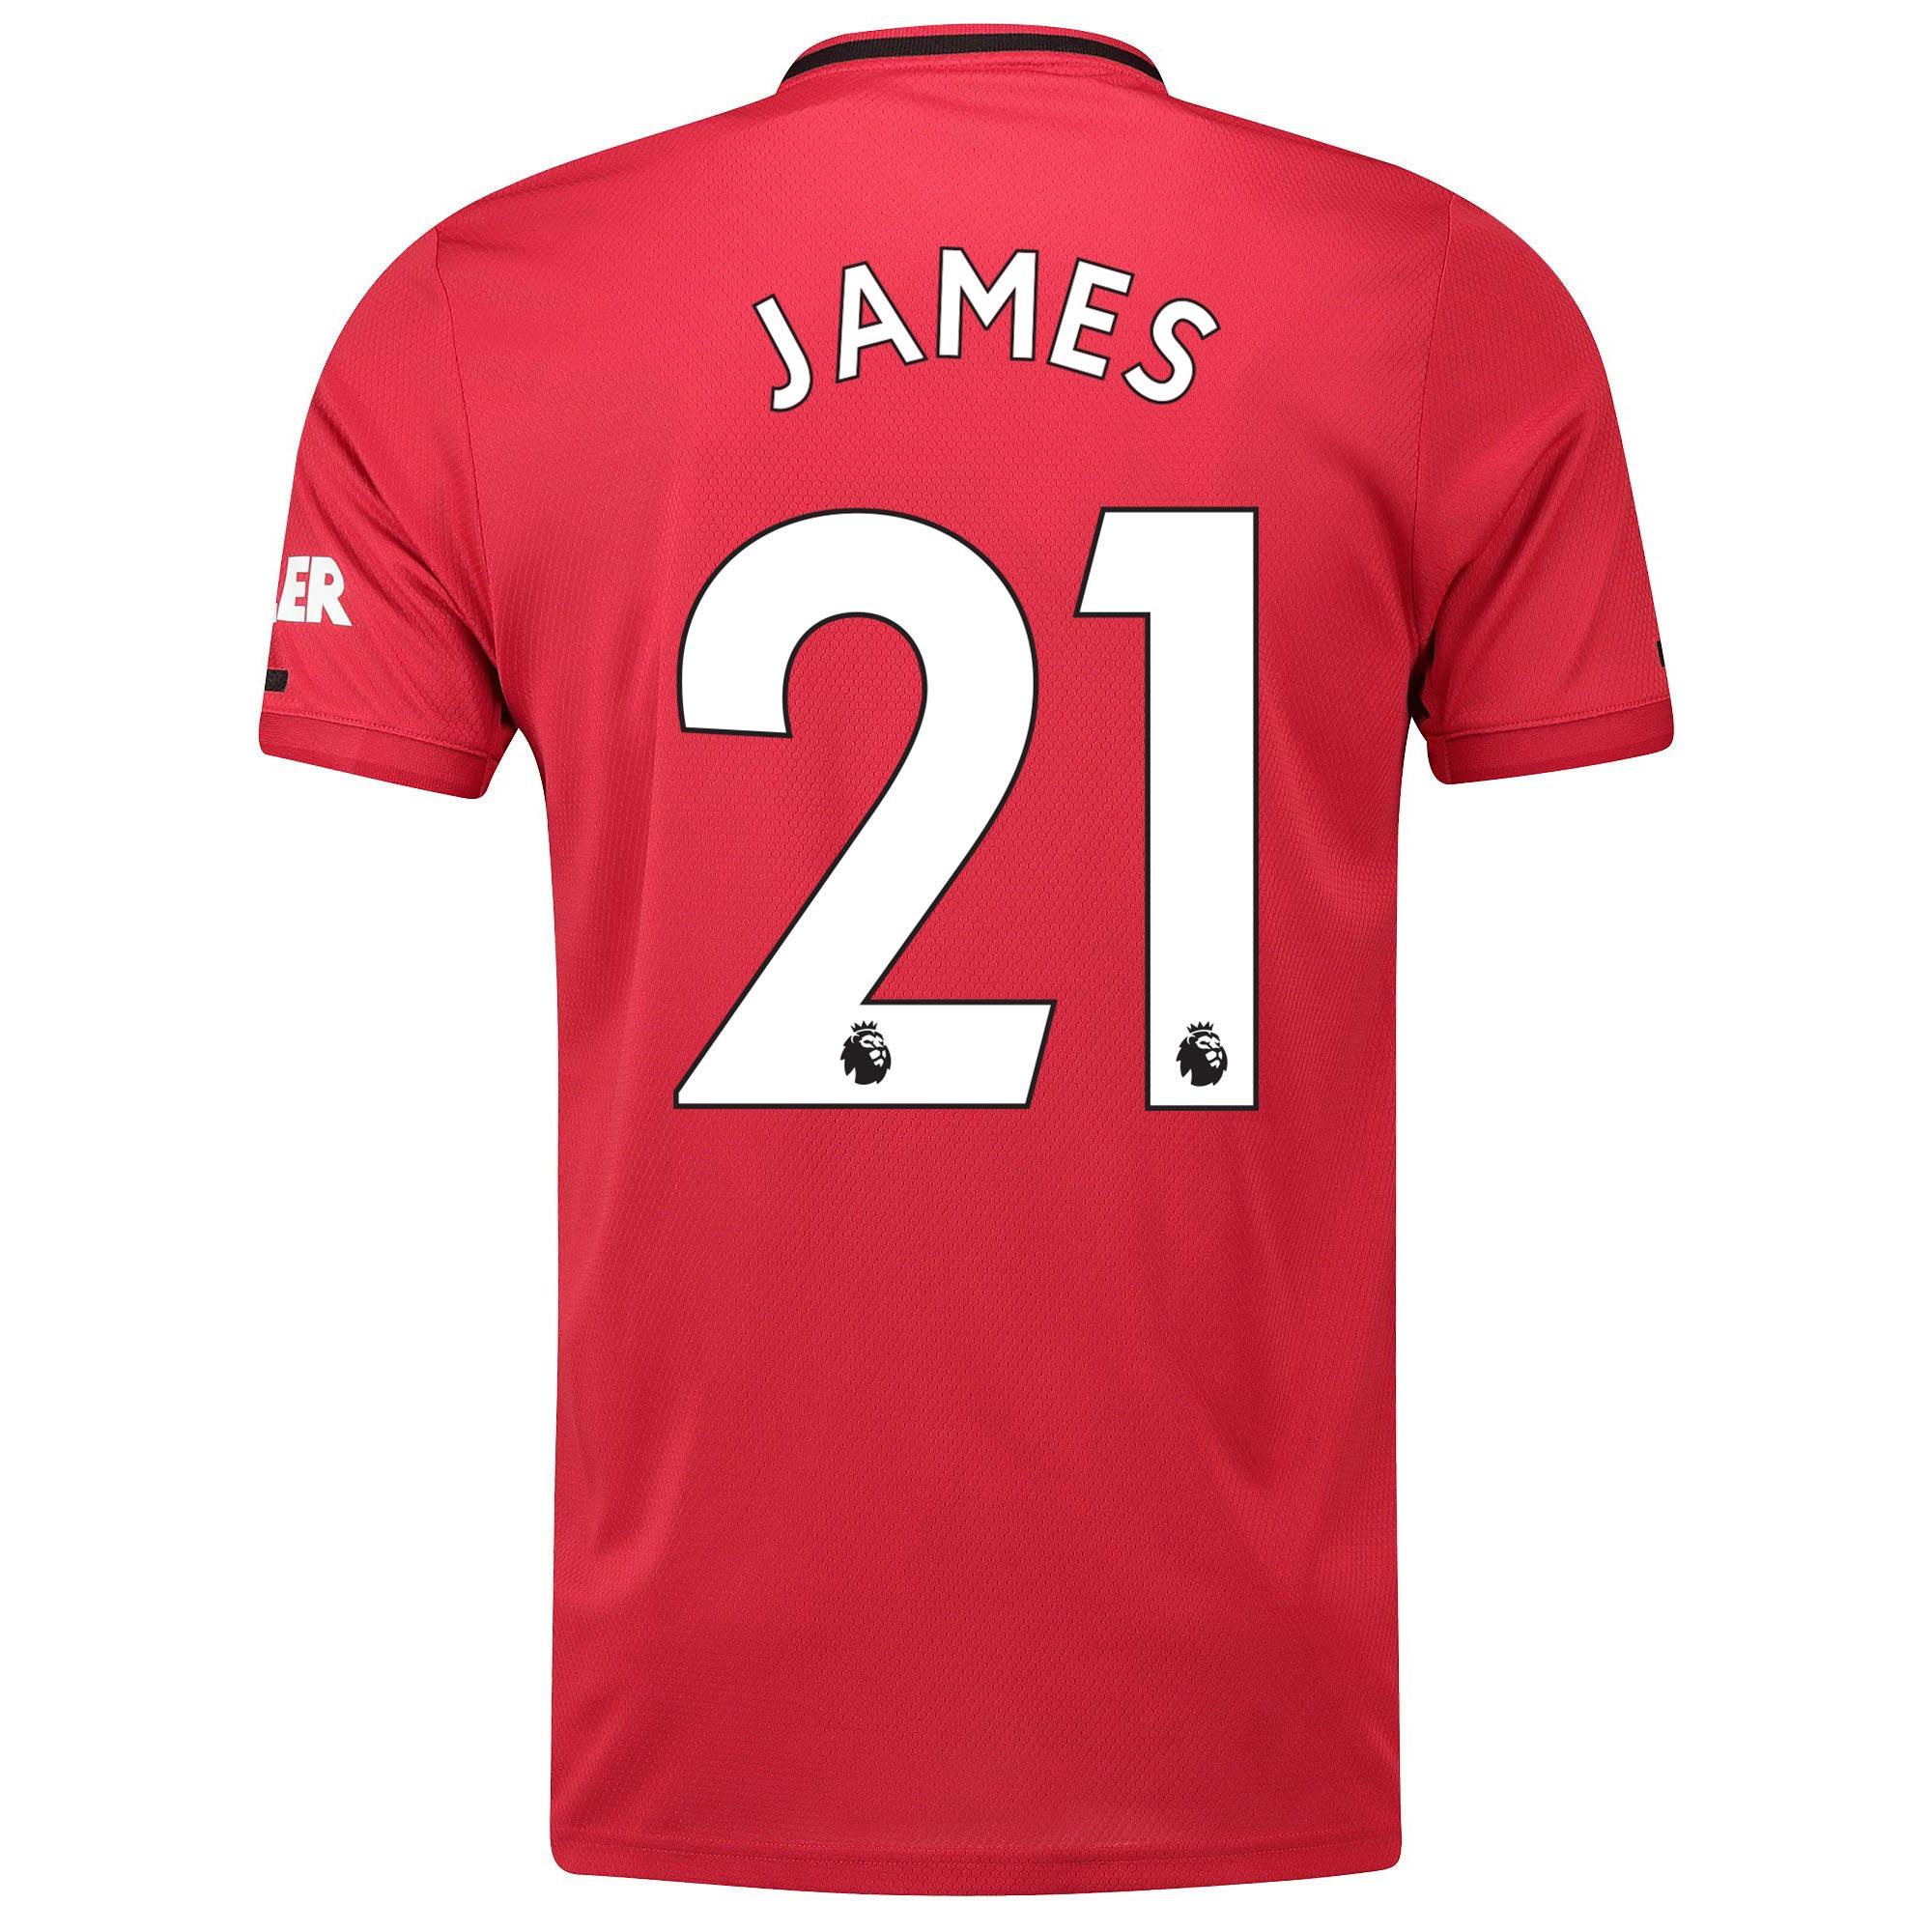 マンチェスター ユナイテッド ホーム シャツ 2019-20 James 21